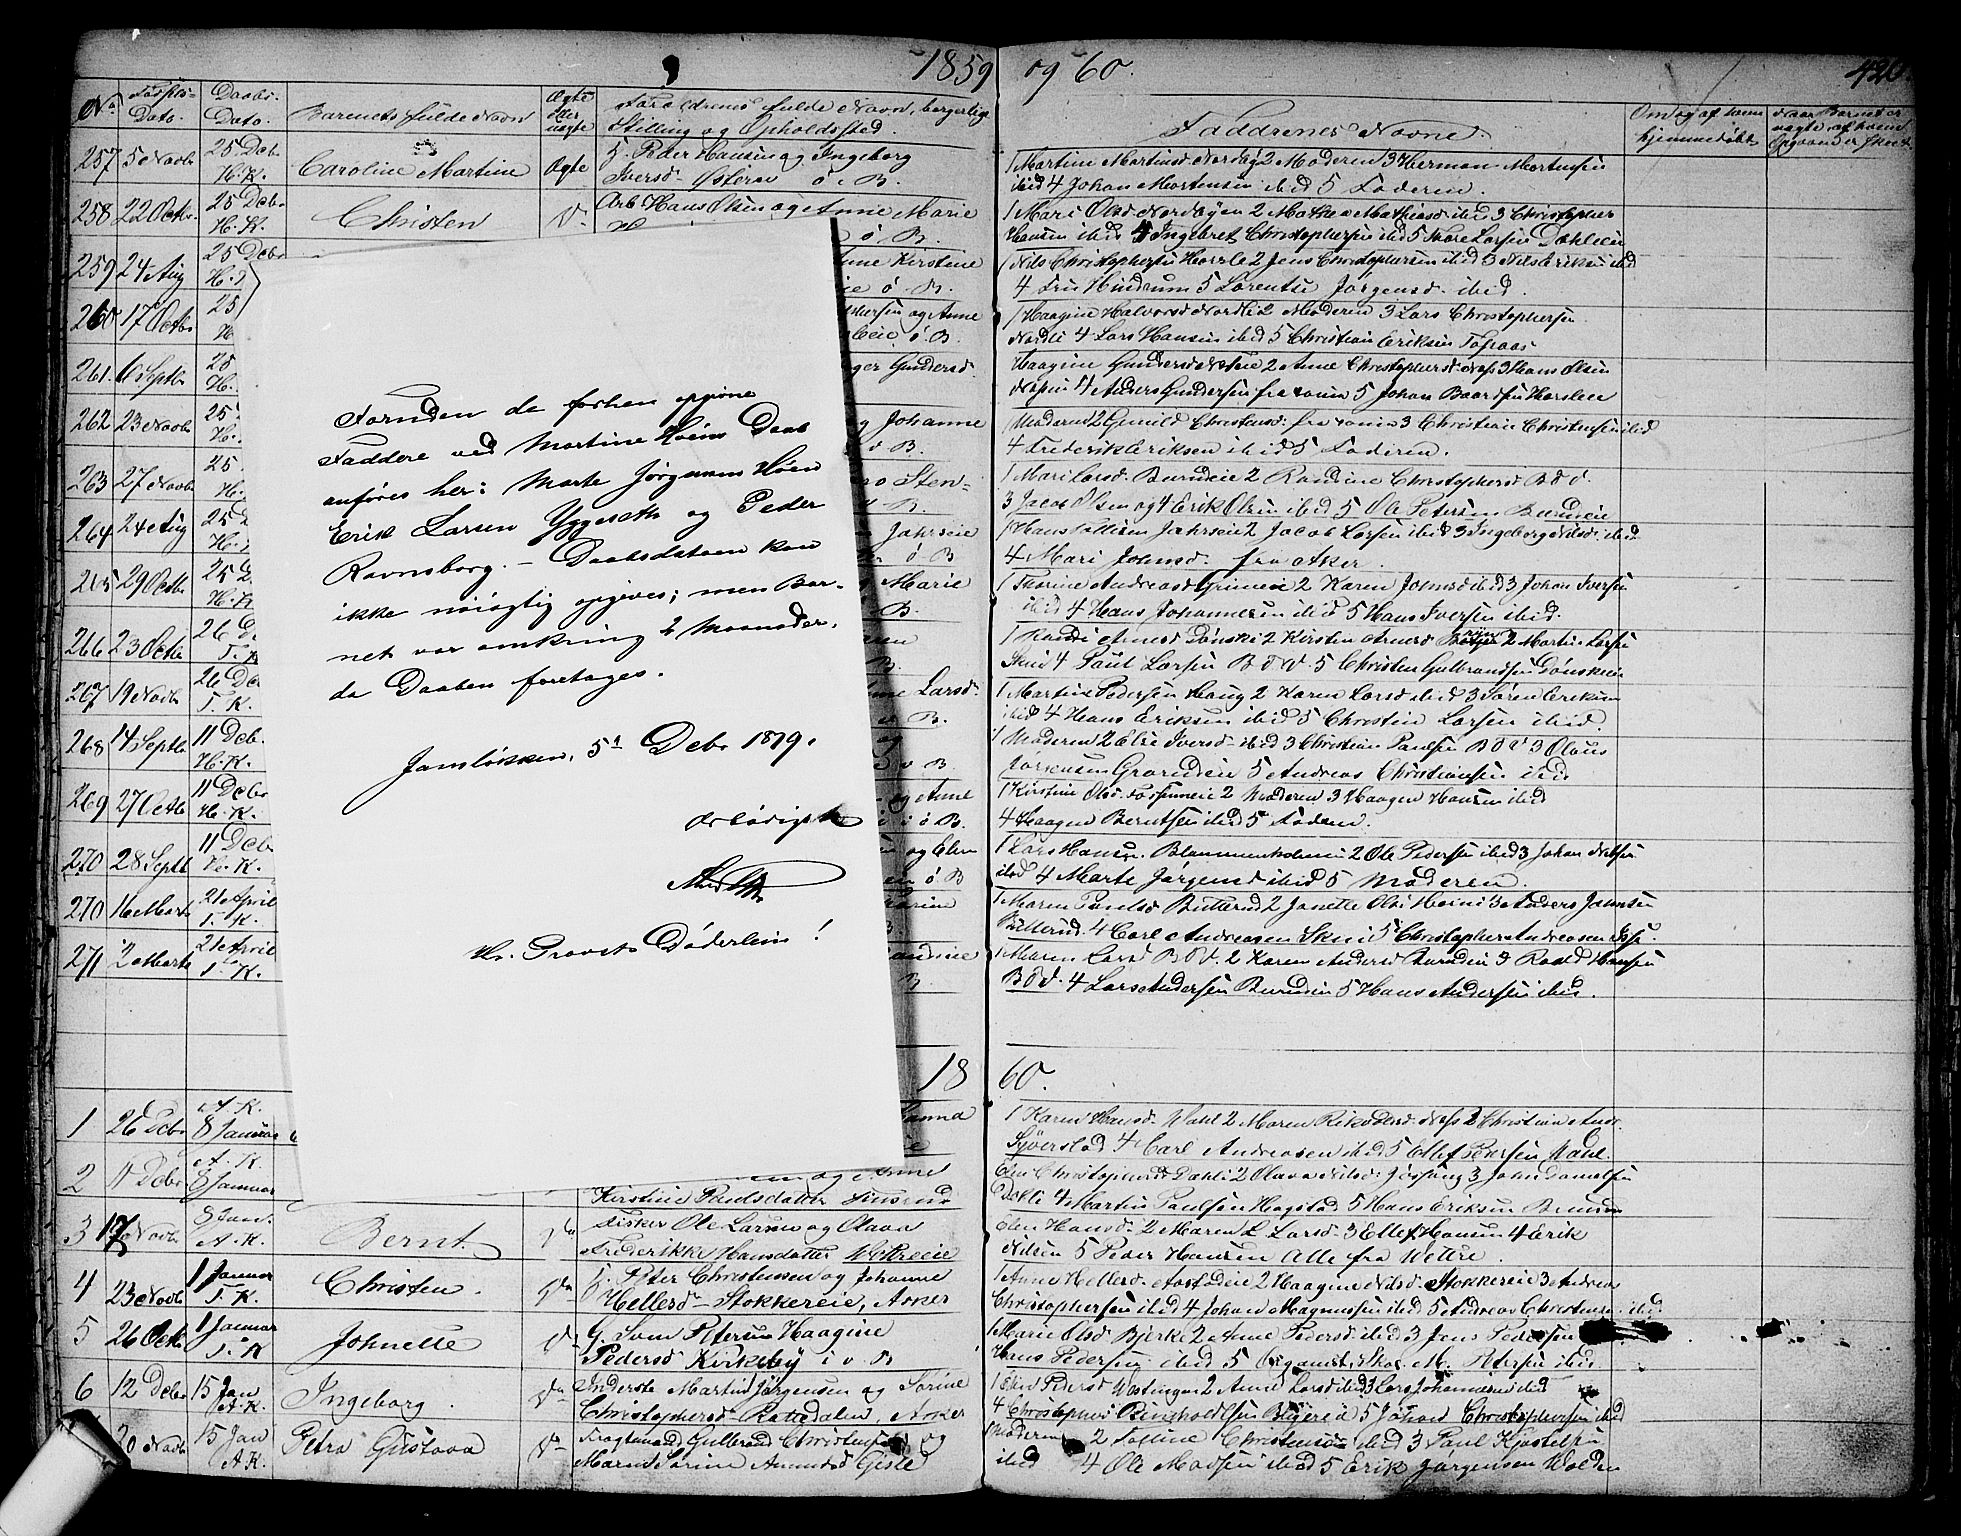 SAO, Asker prestekontor Kirkebøker, F/Fa/L0007: Ministerialbok nr. I 7, 1825-1864, s. 420